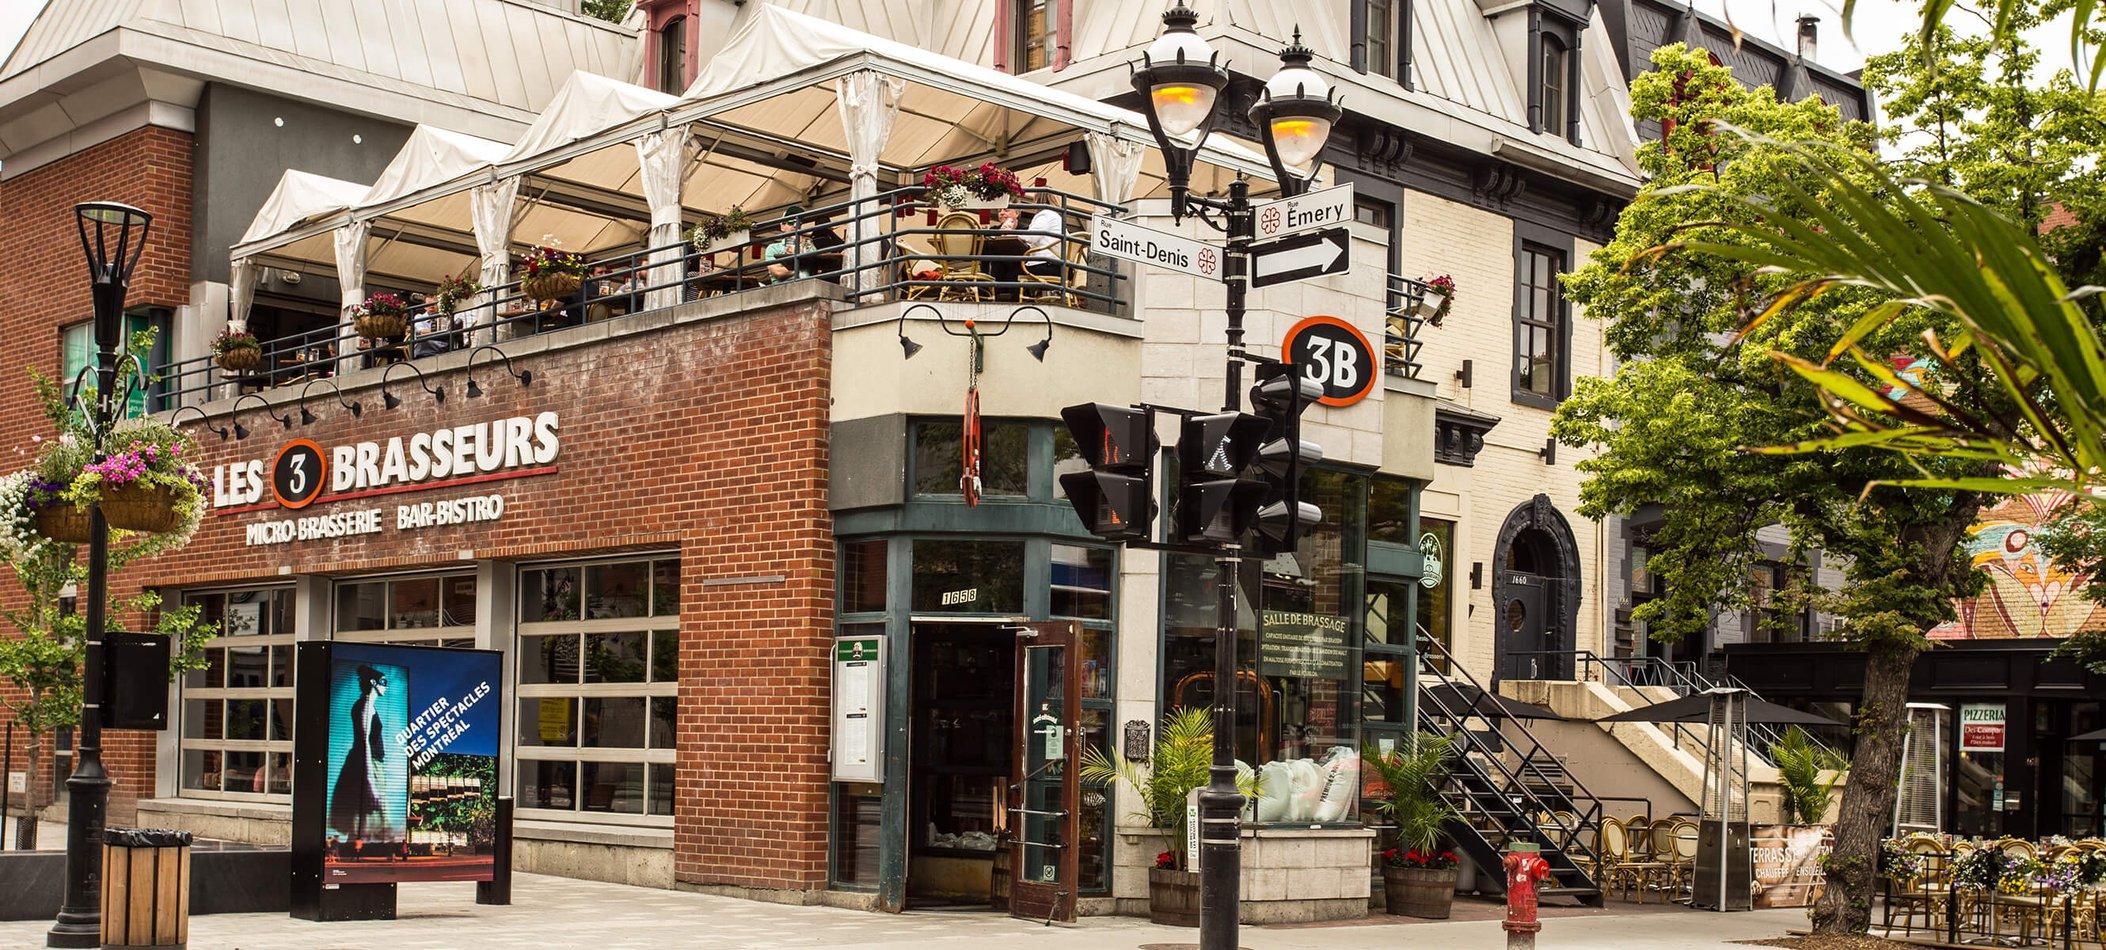 Microbrewery Restaurant Saint Denis 3 Brasseurs